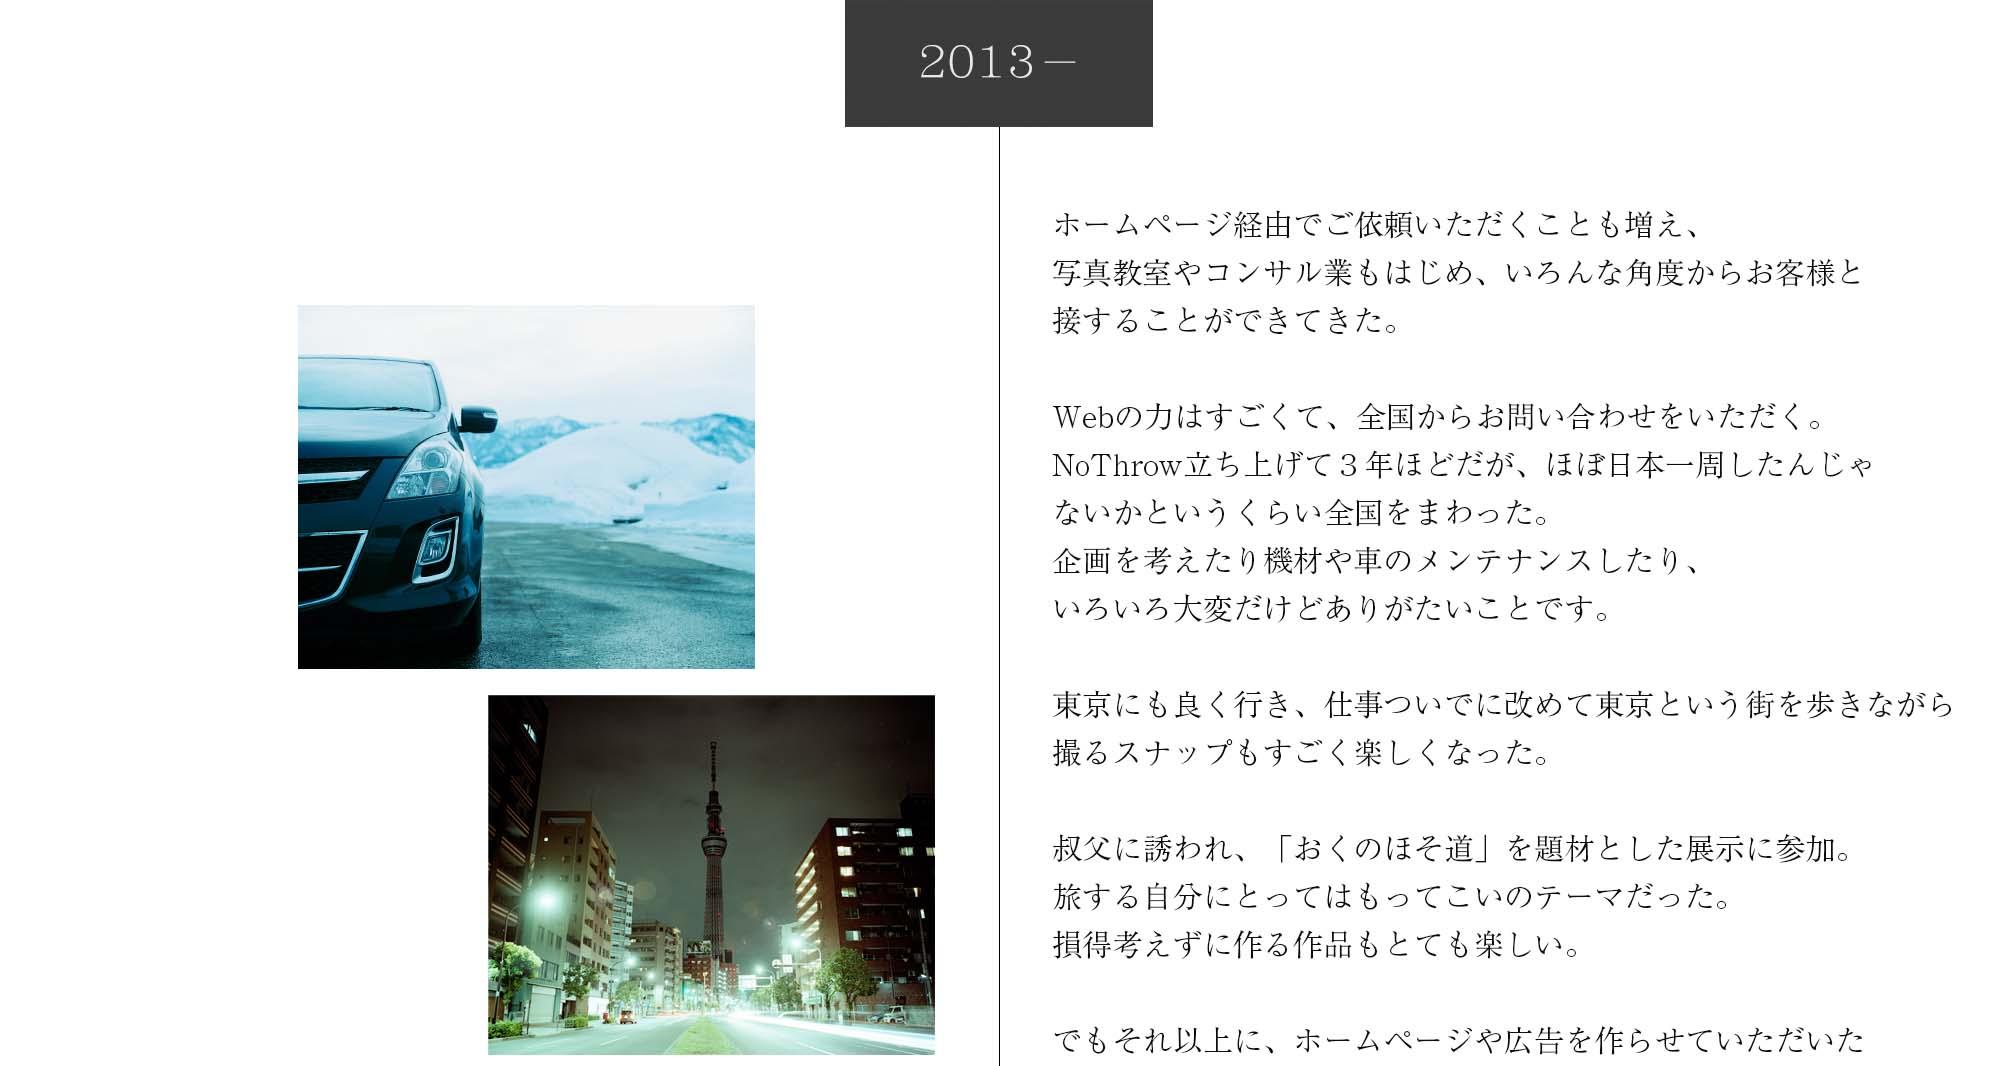 20131228_佐治秀保史_19